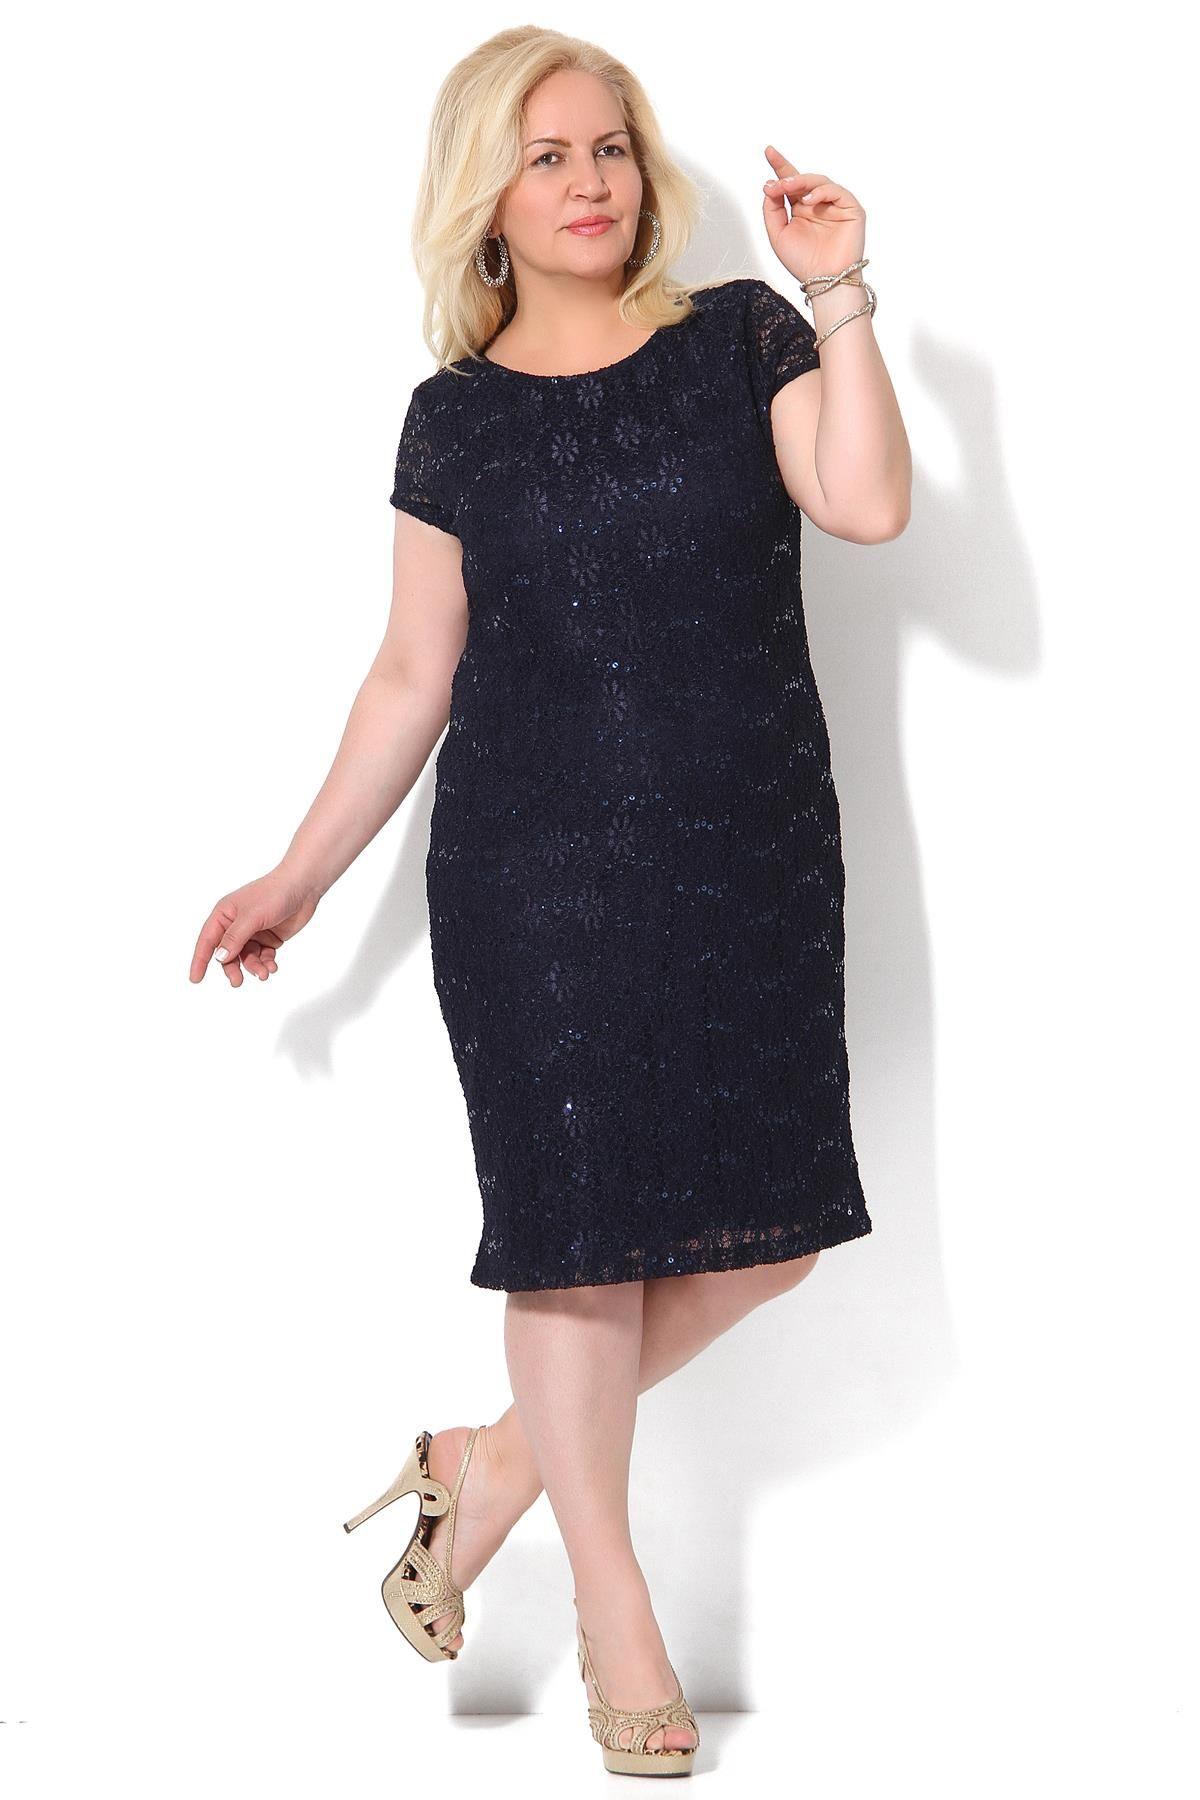 Patirti Elbise Modelleri Ile Ilgili Gorsel Sonucu Elbise Moda Stilleri Giyim